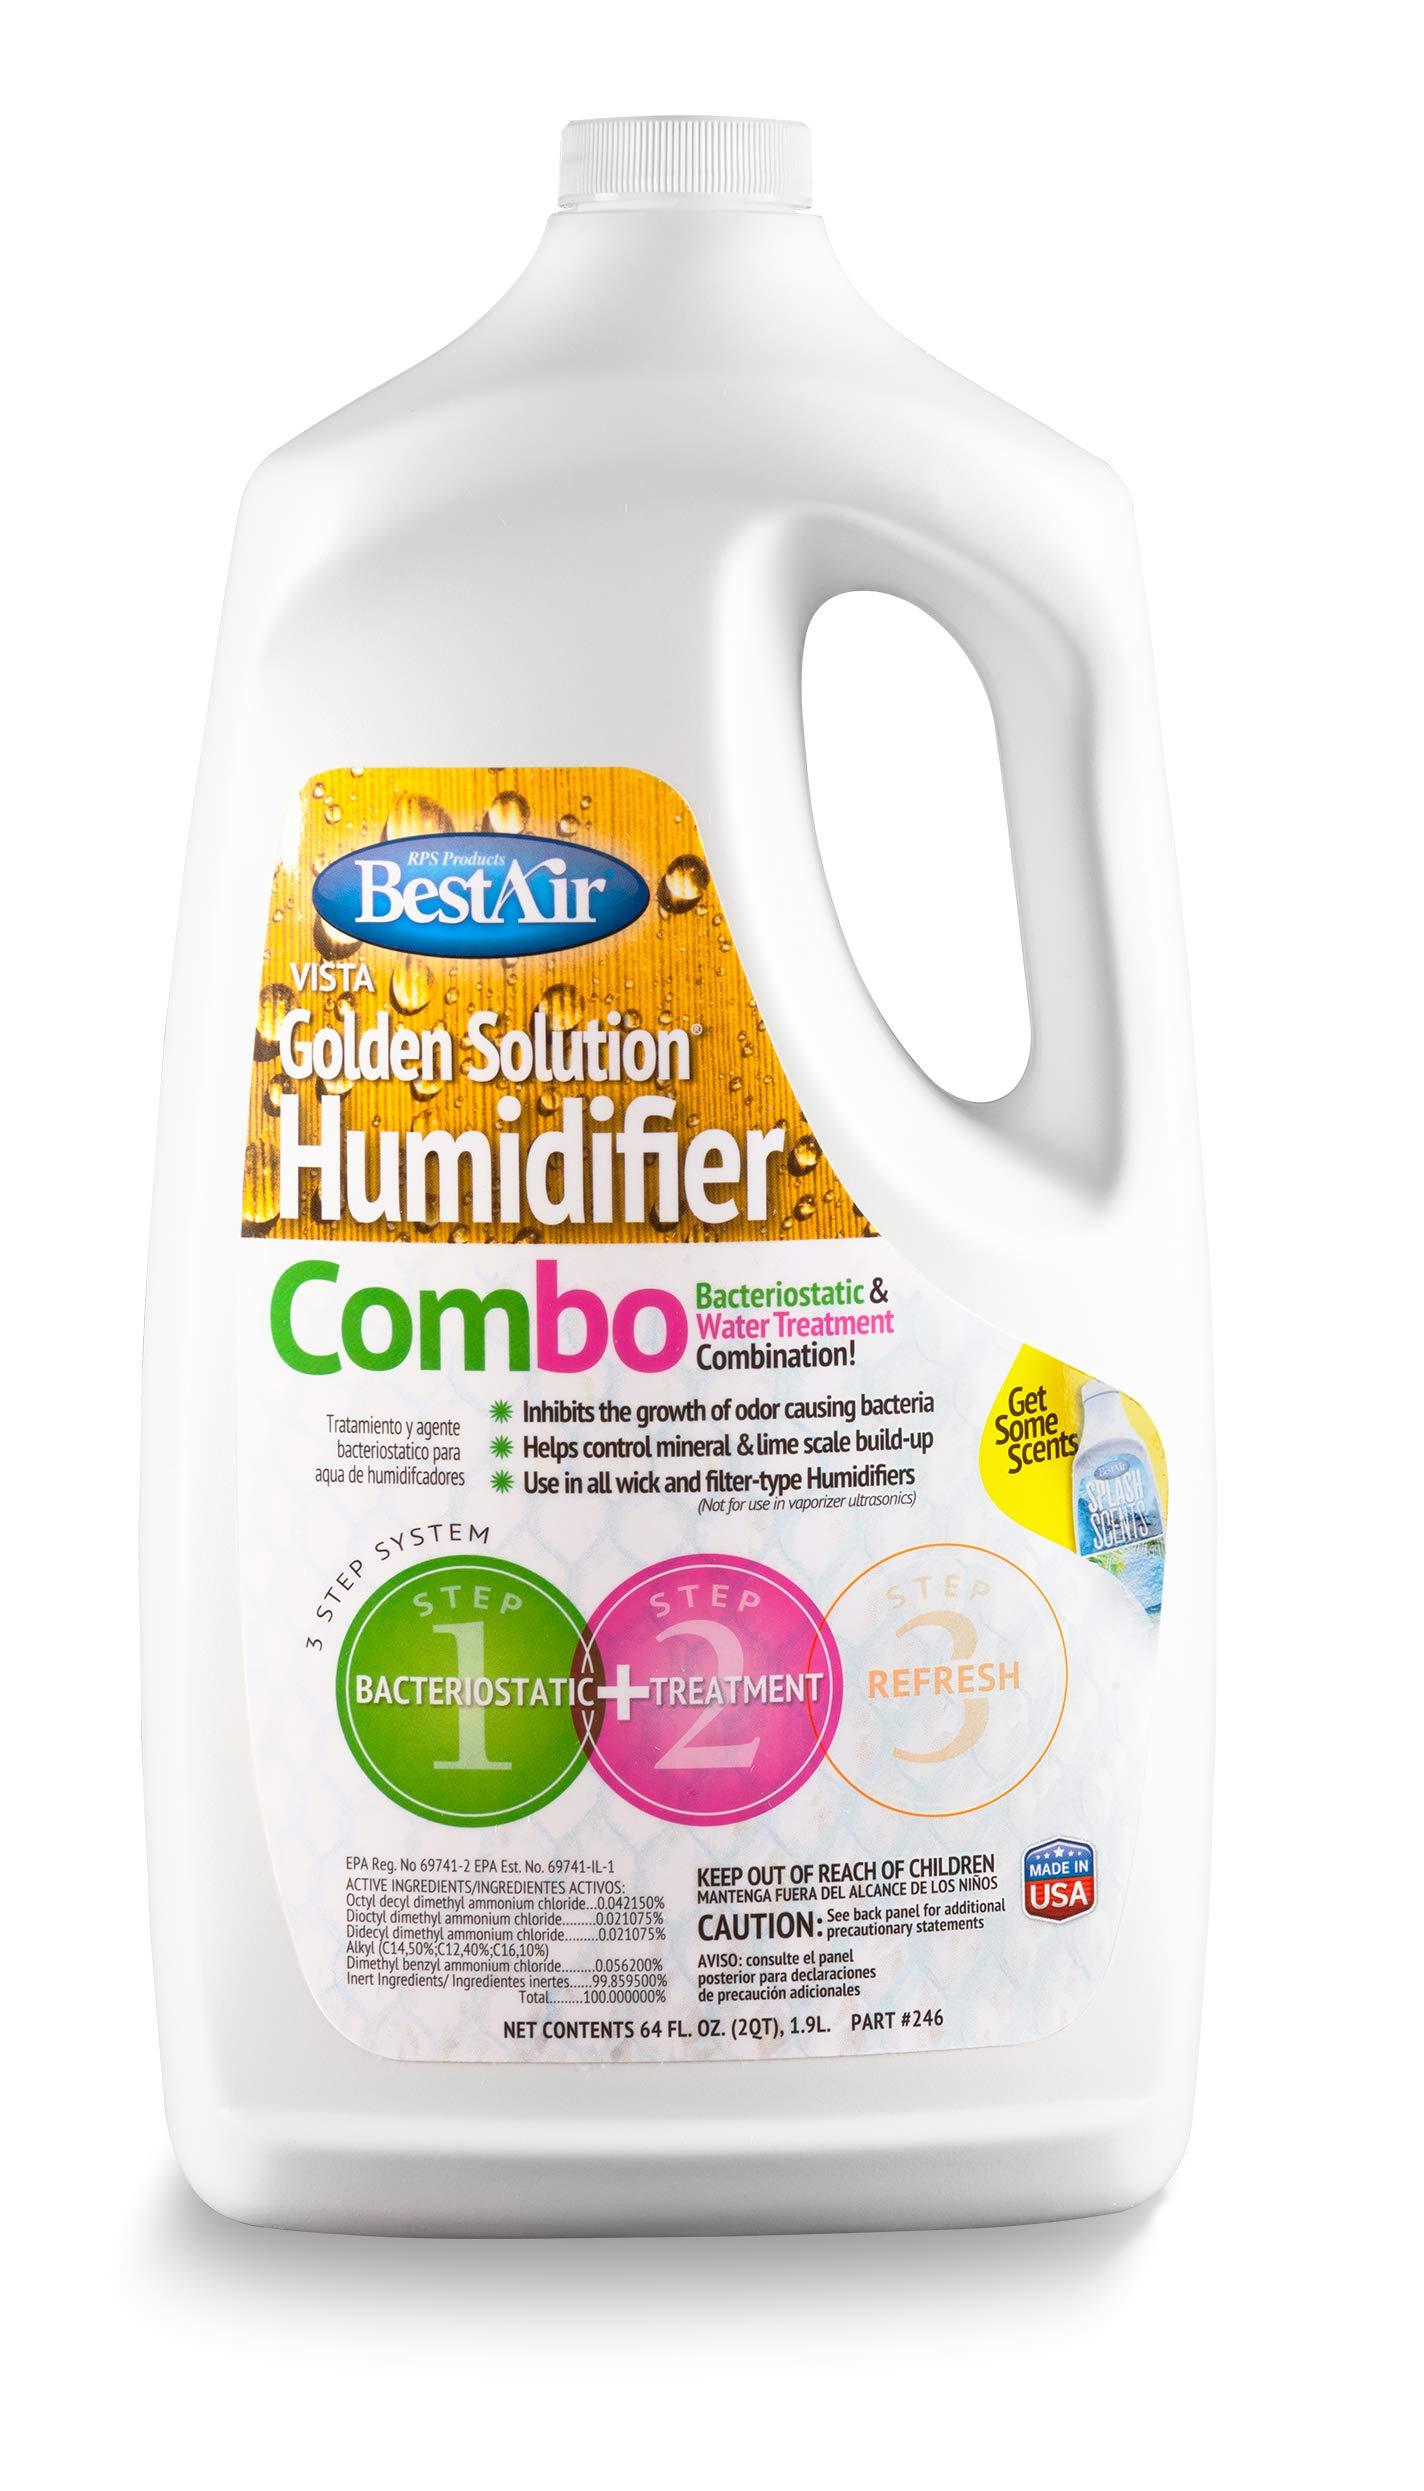 BestAir 16 oz Humidifier Treatment